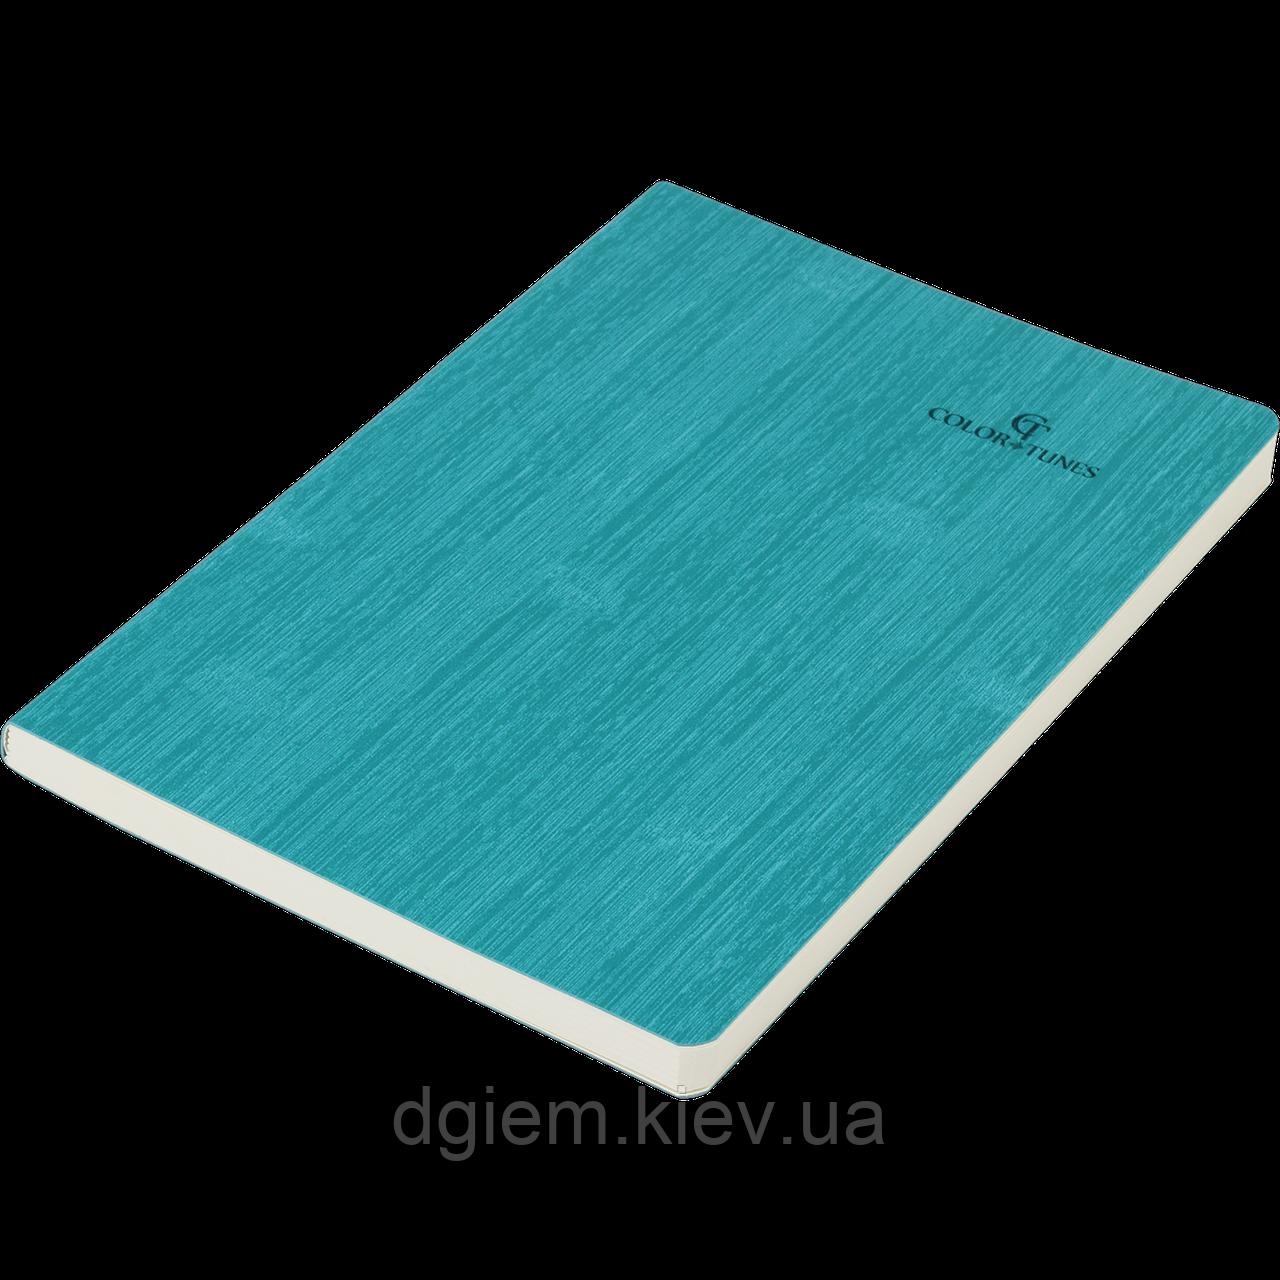 Блокнот ділової COLOR TUNES А5 96арк. чистий, позов. шкіра, бірюзовий